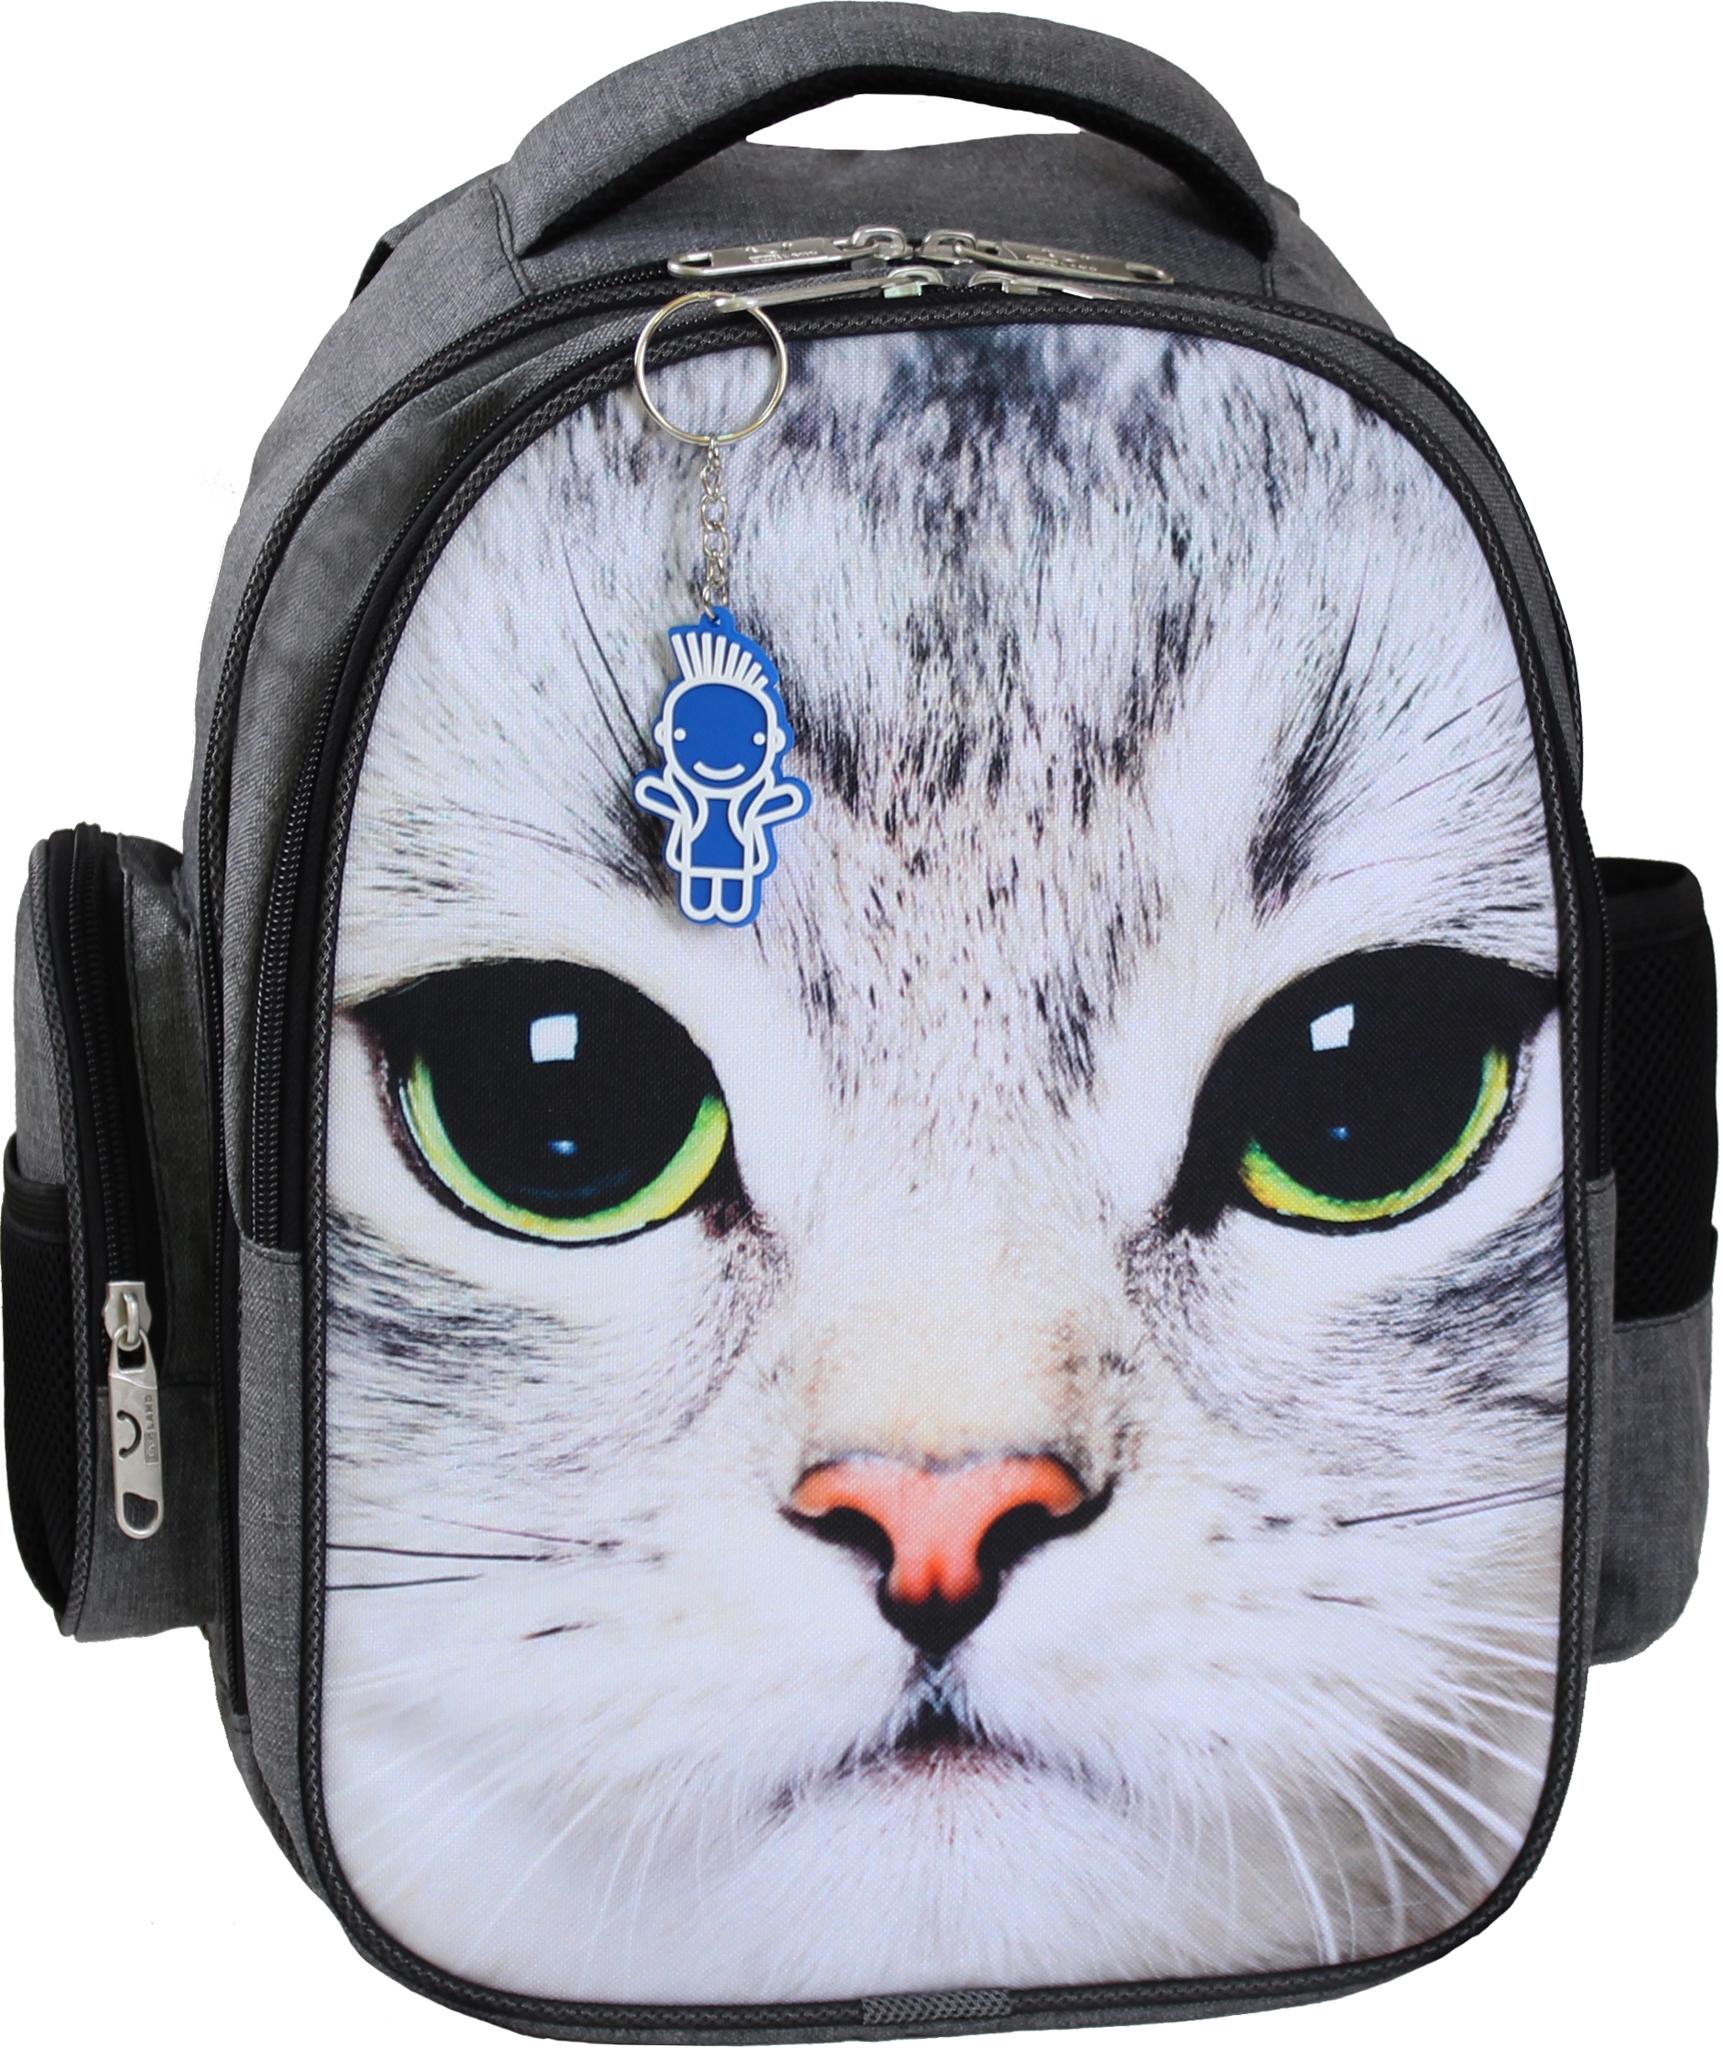 Школьные рюкзаки Рюкзак Bagland Pupil 14 л. серый 186 (0012569) IMG_0070.JPG